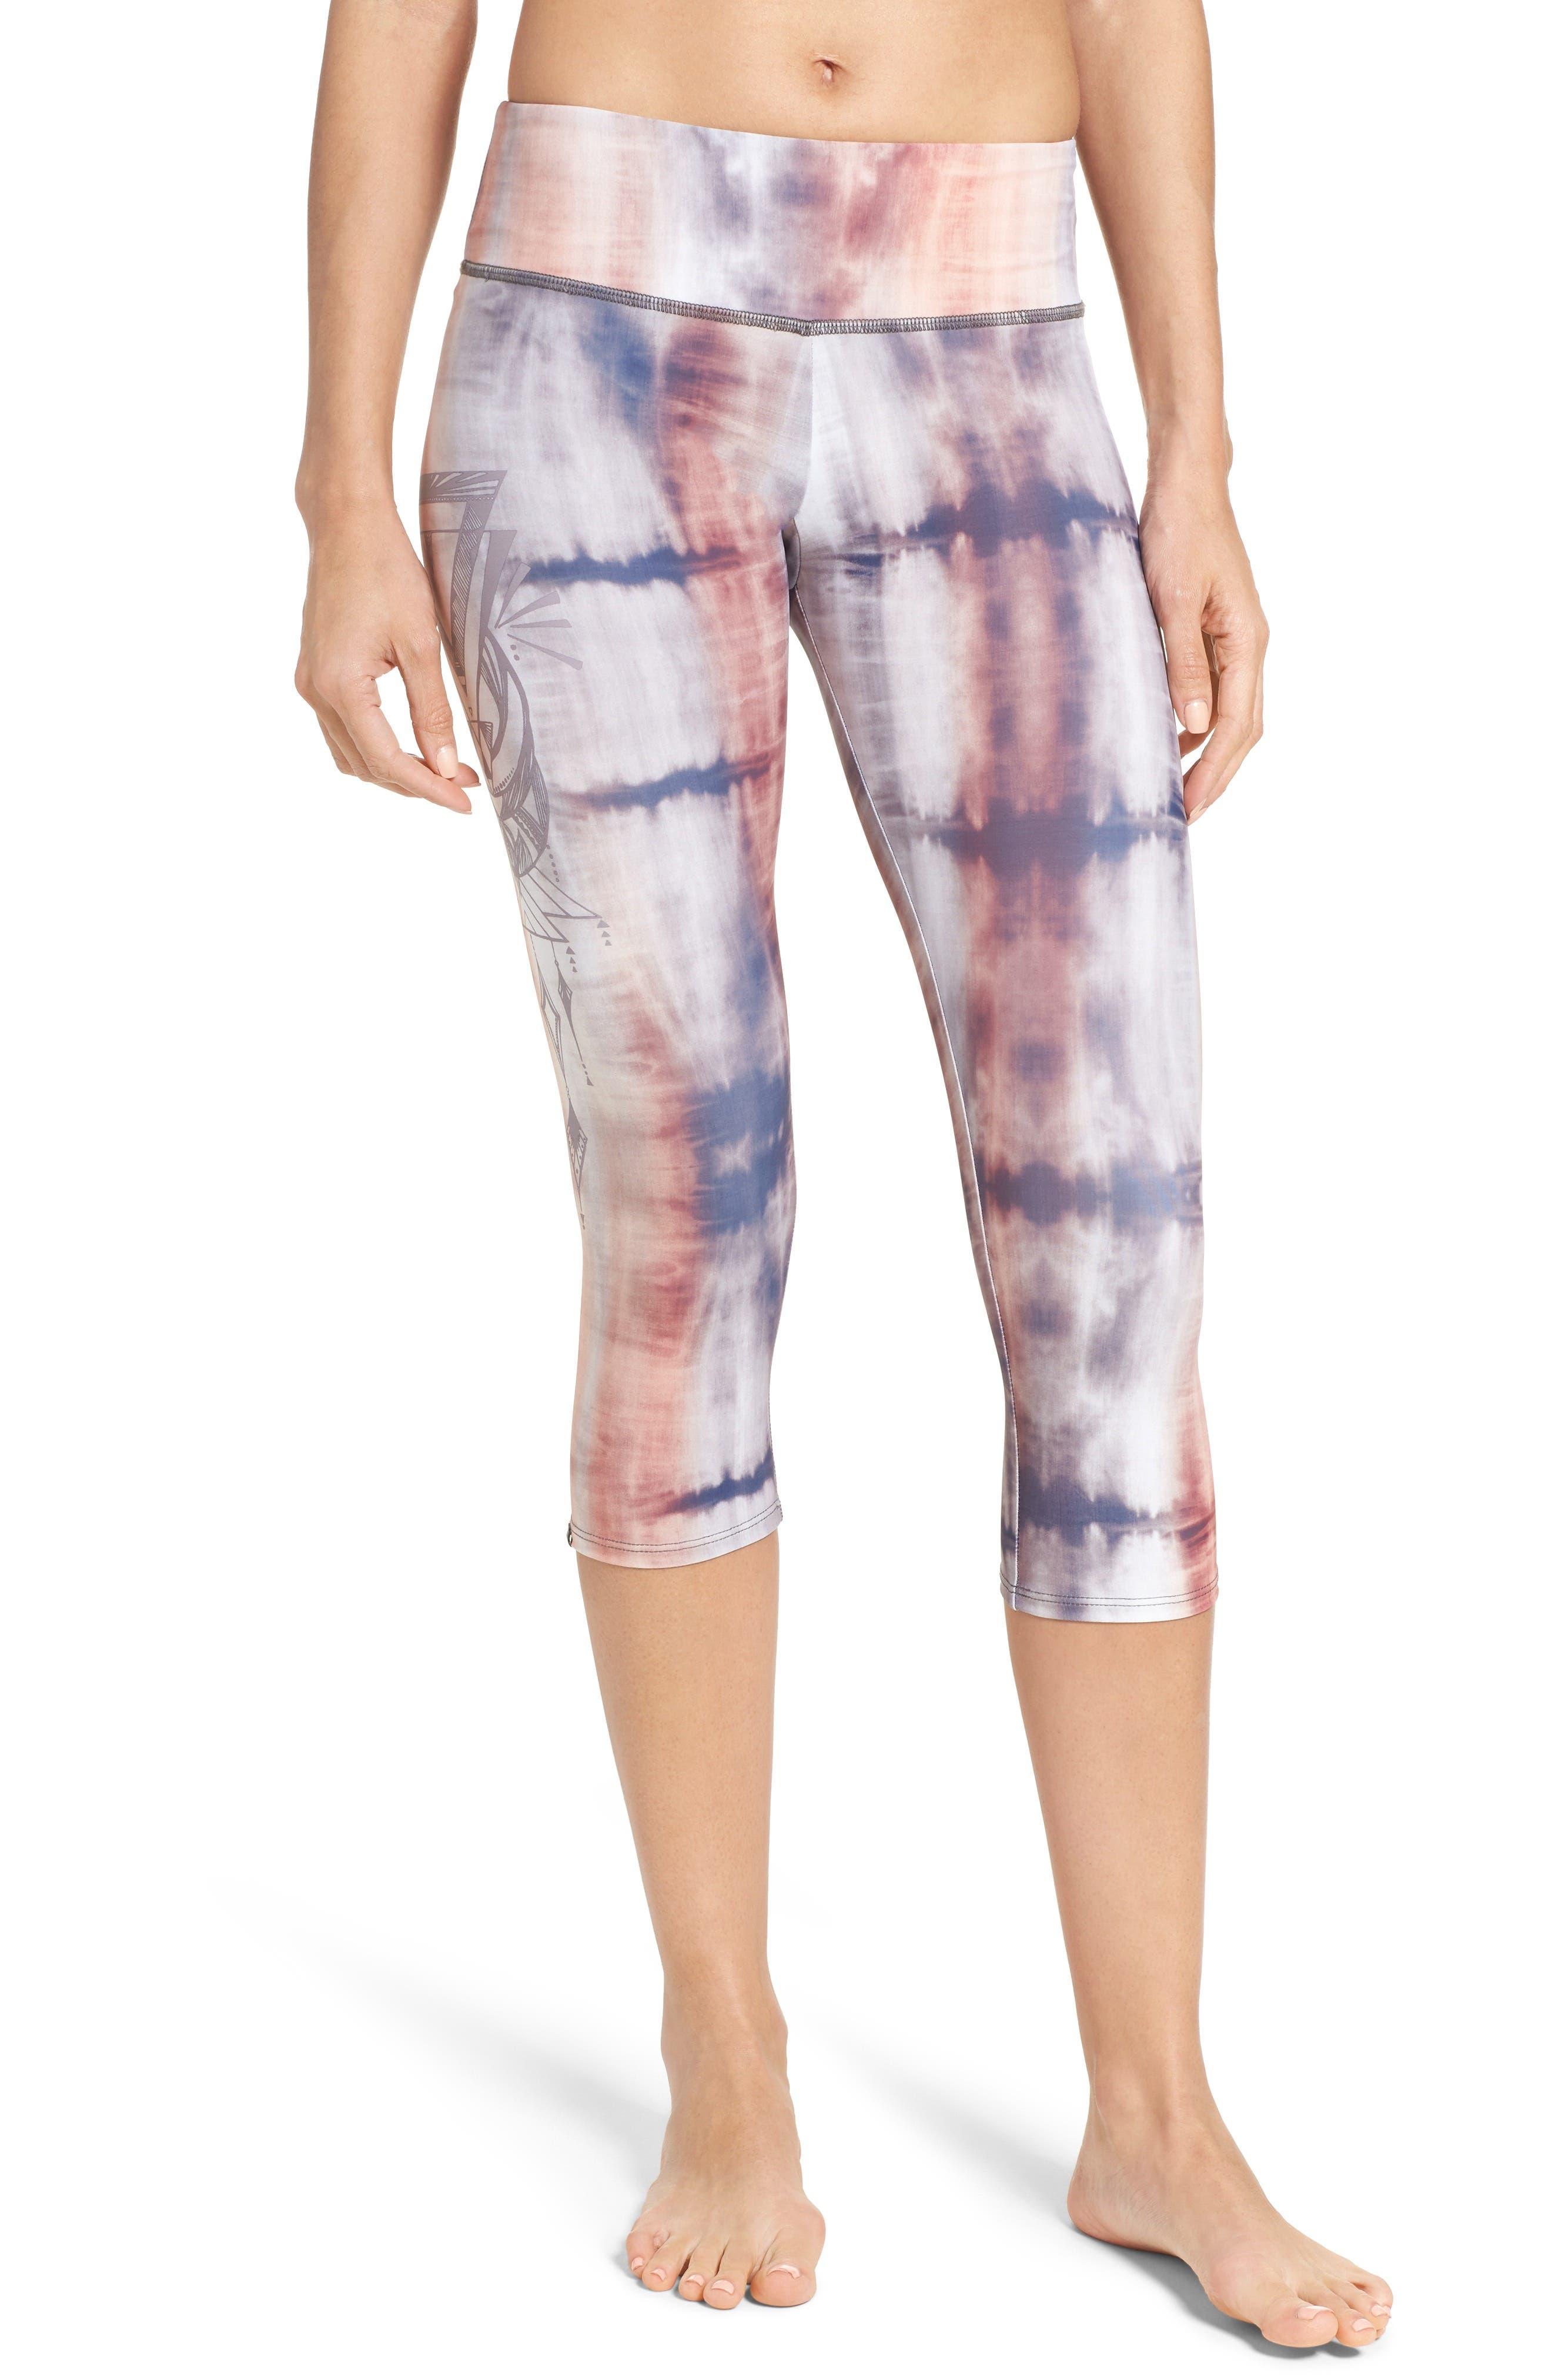 Alternate Image 1 Selected - Onzie Graphic Print Capri Leggings